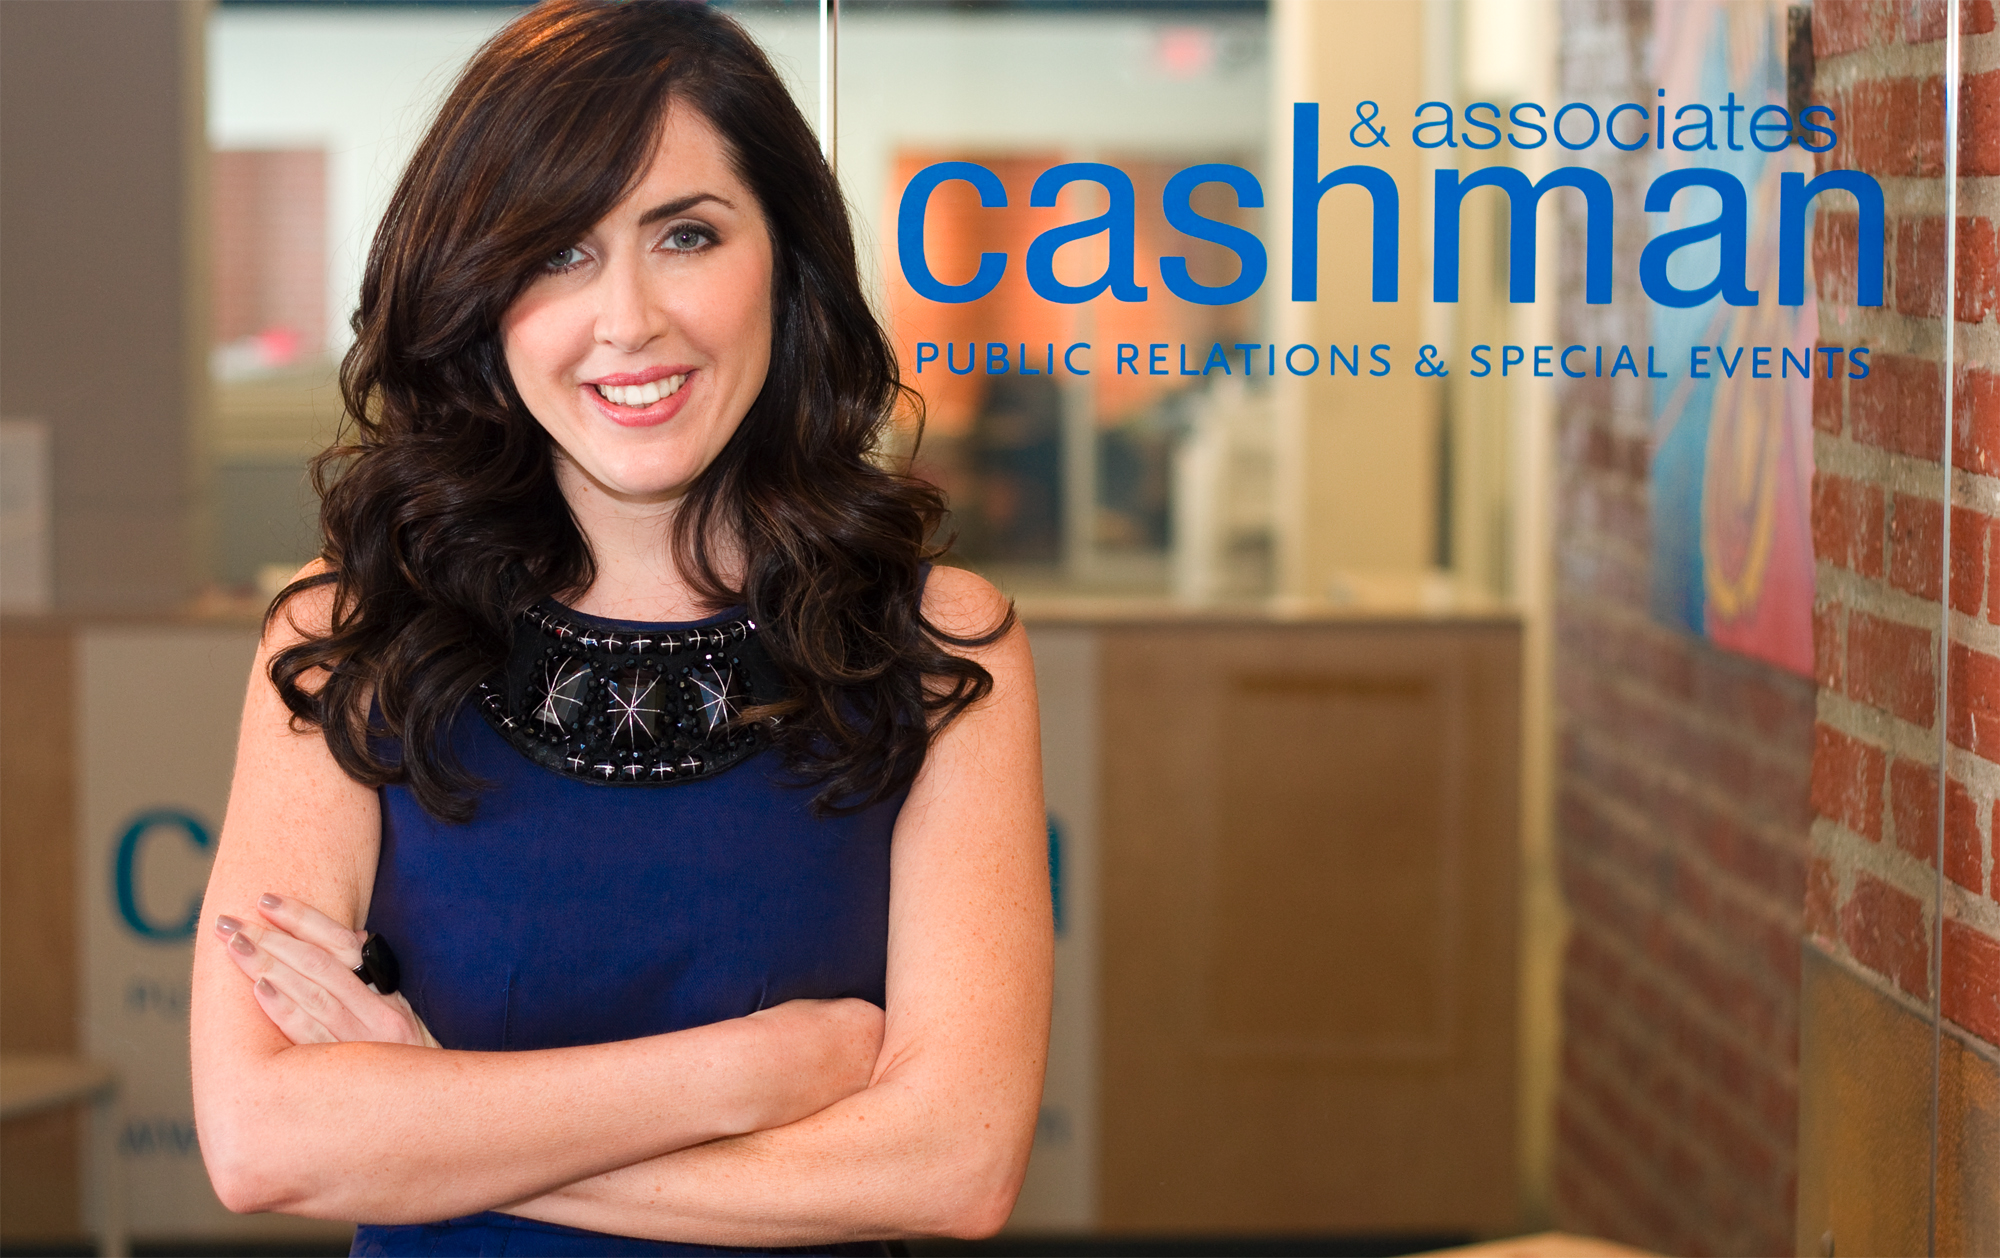 Cashman_jh.jpg